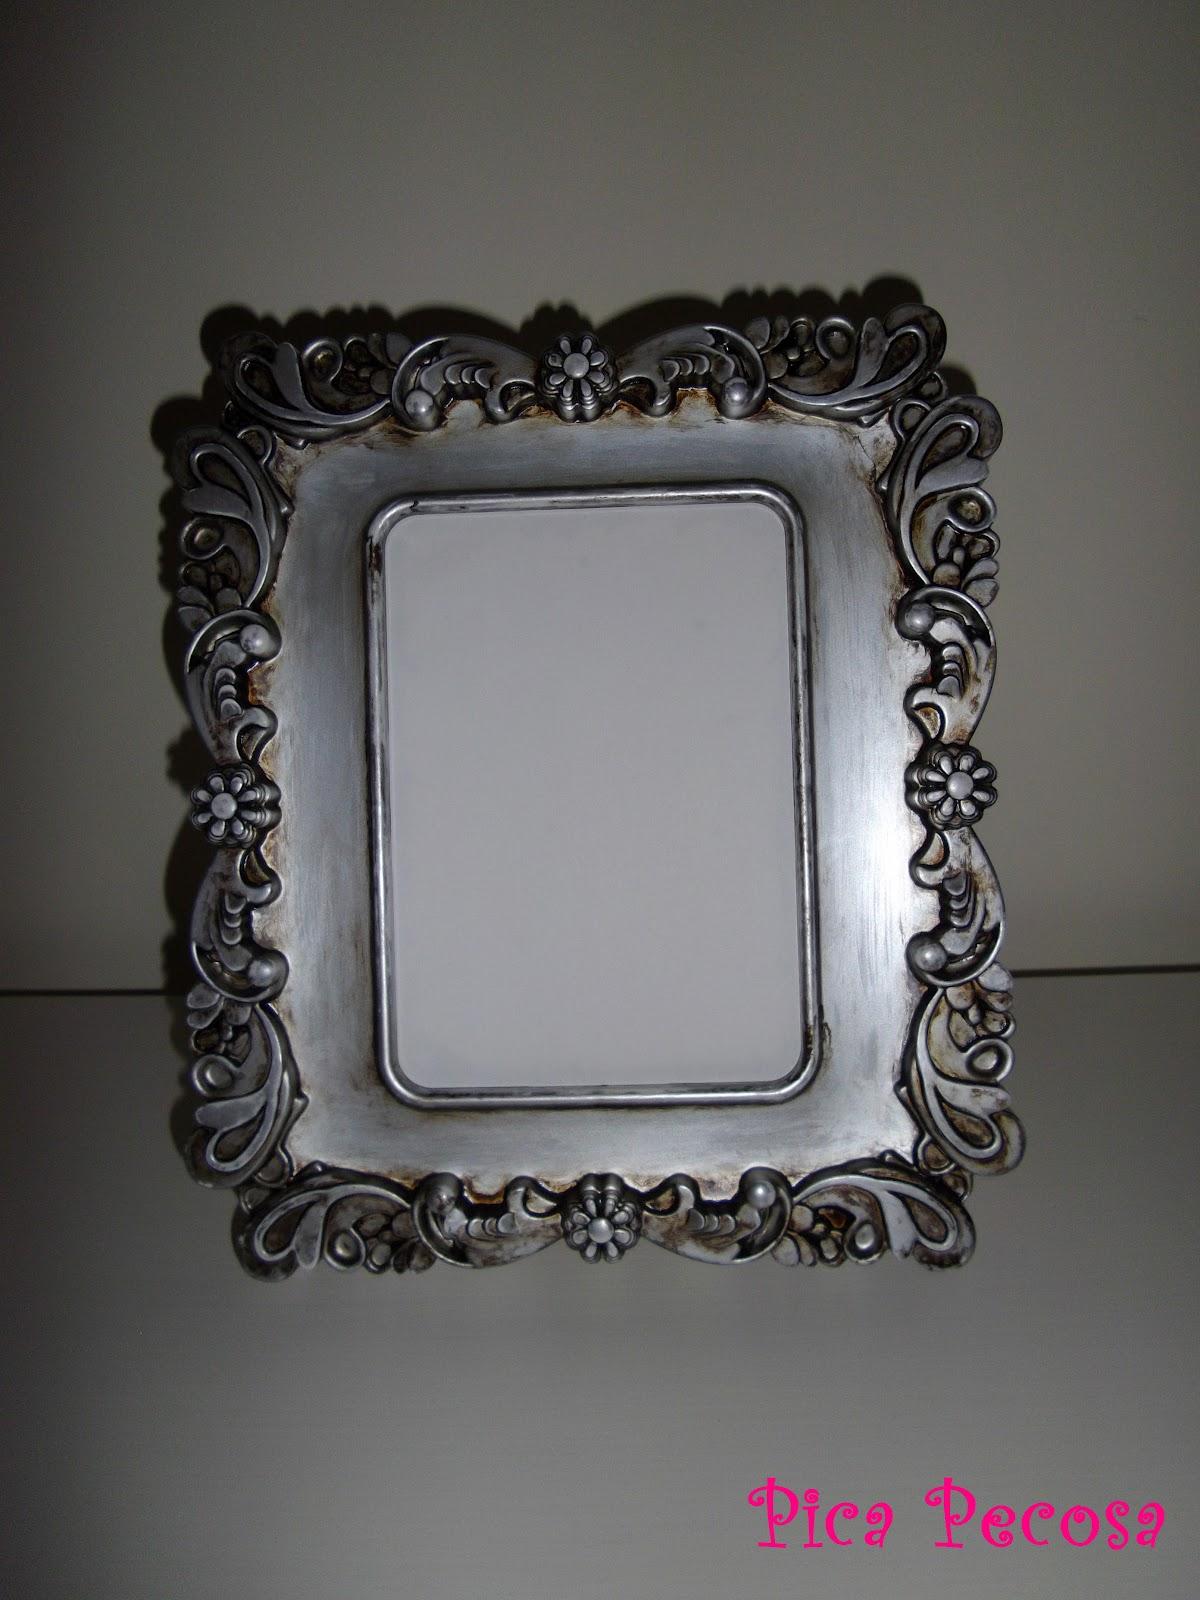 Marco blanco de ikea a plata envejecida diy pica pecosa - Paredes con marcos de fotos ...